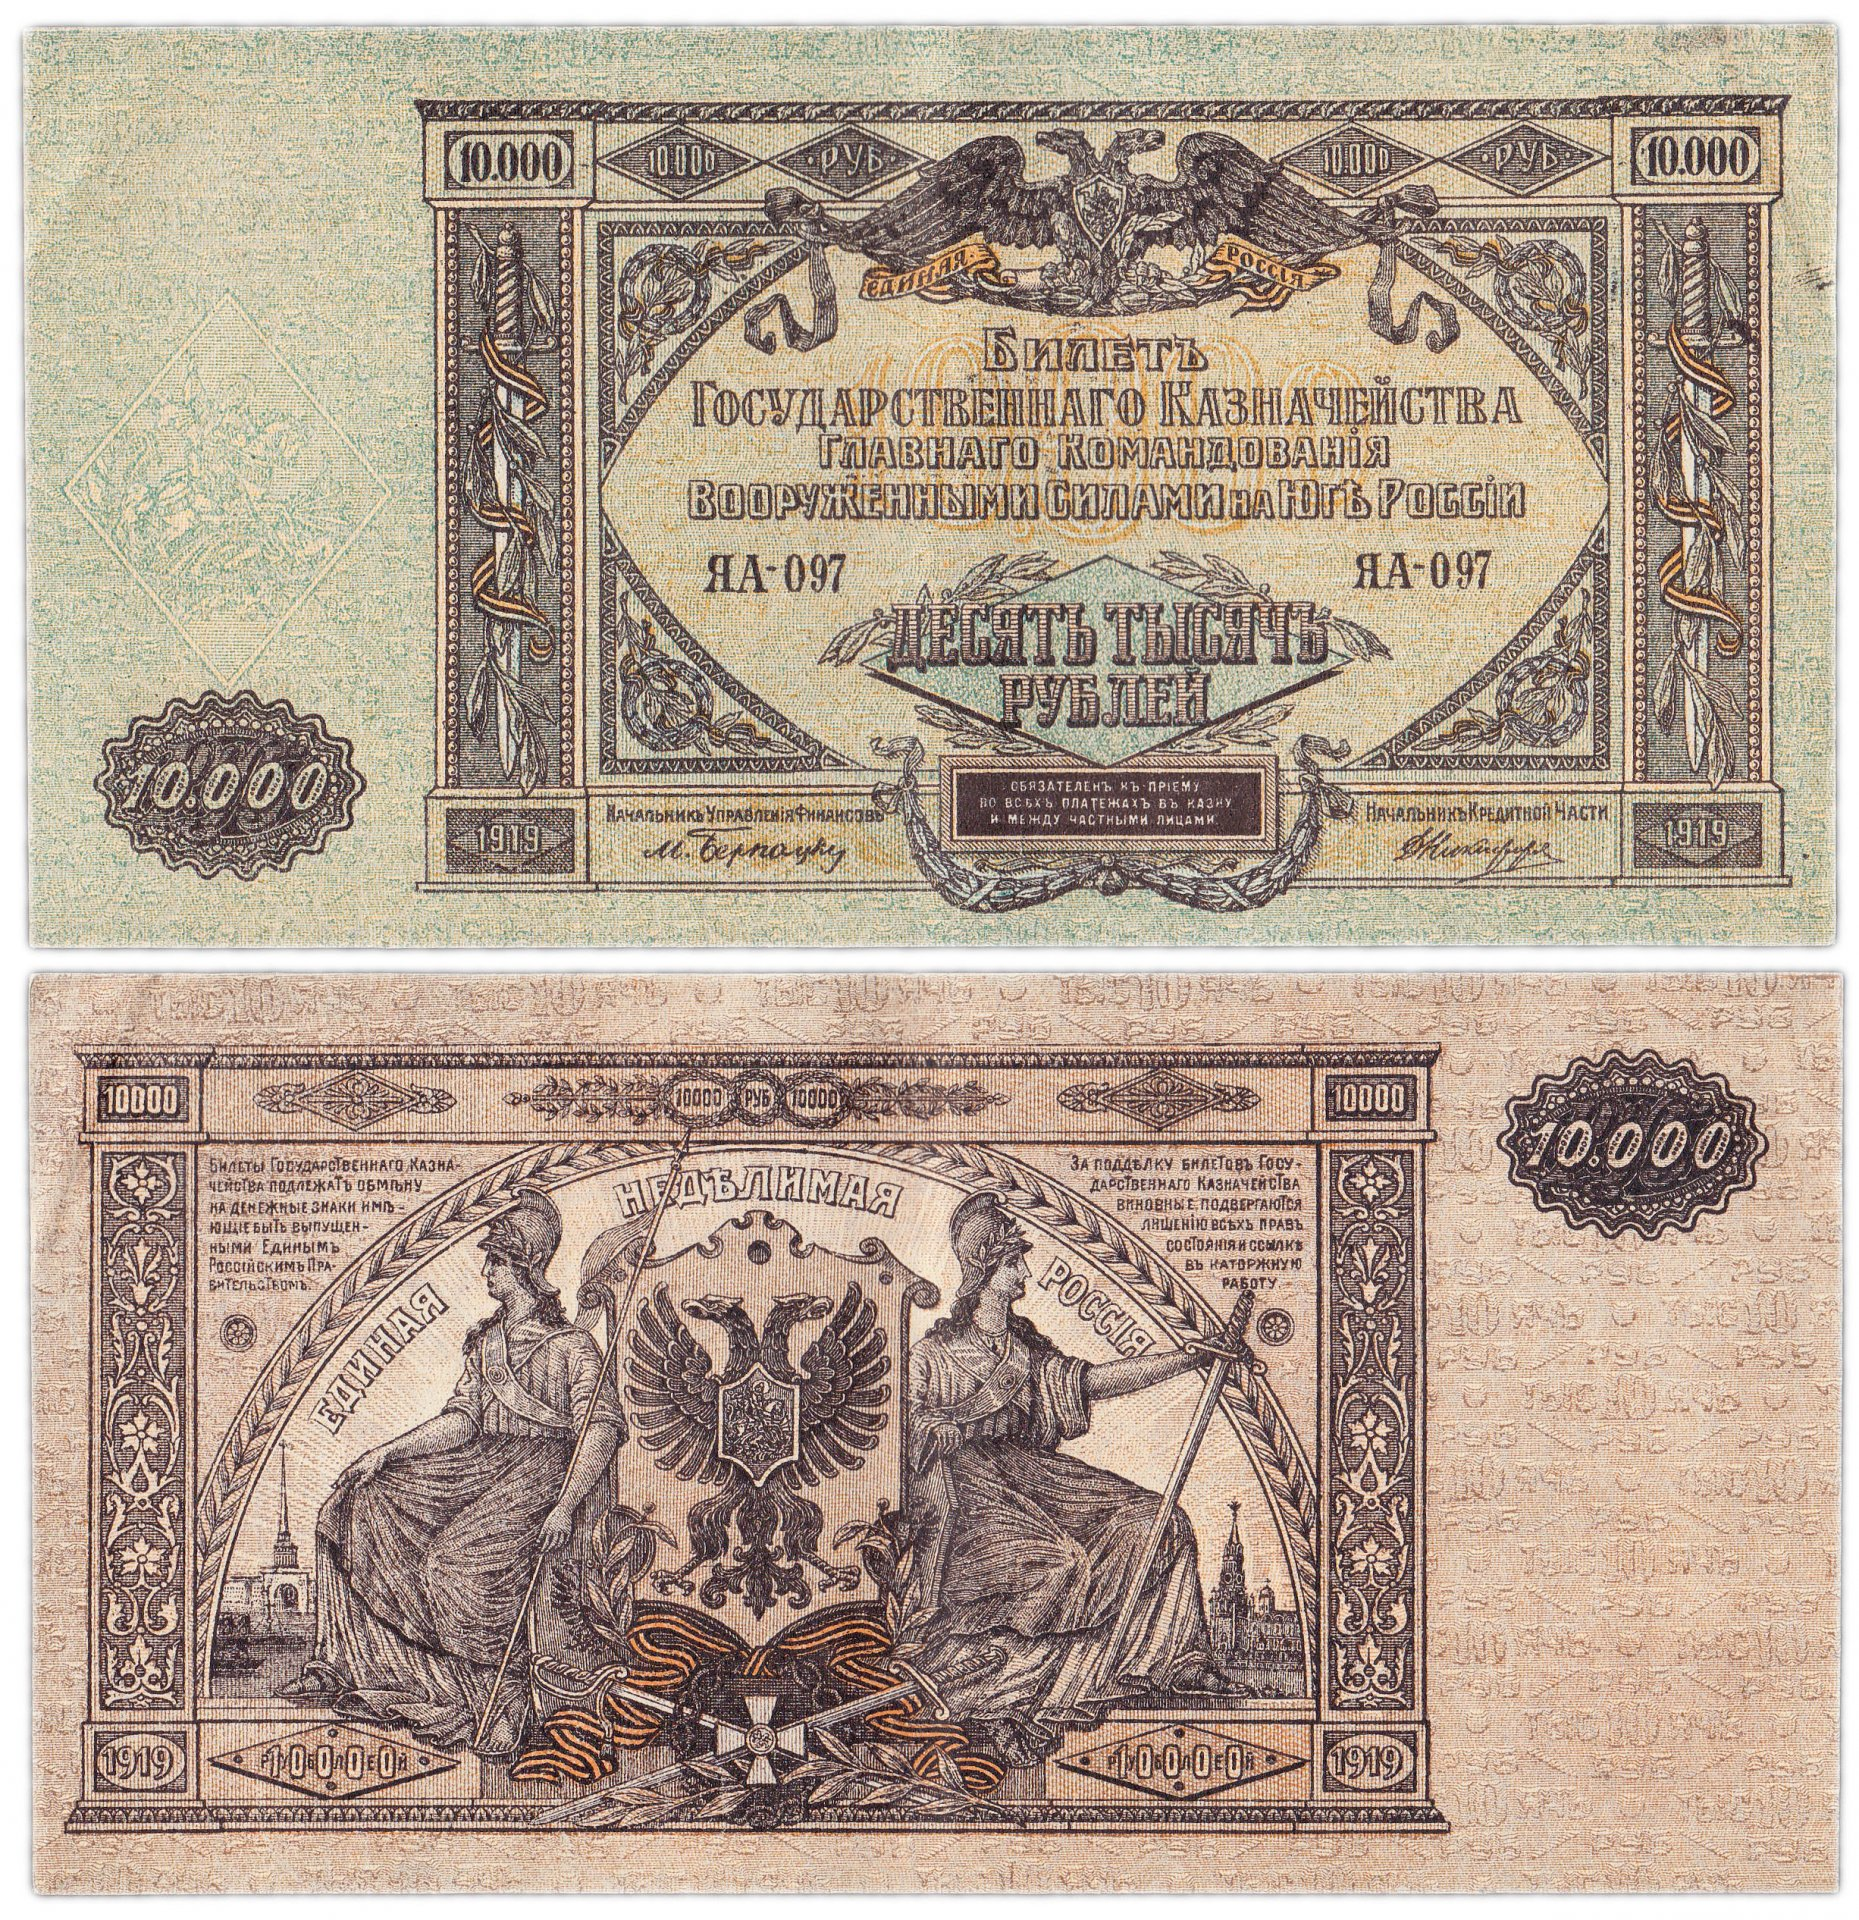 Банкнота Вооруженных сил Юга России